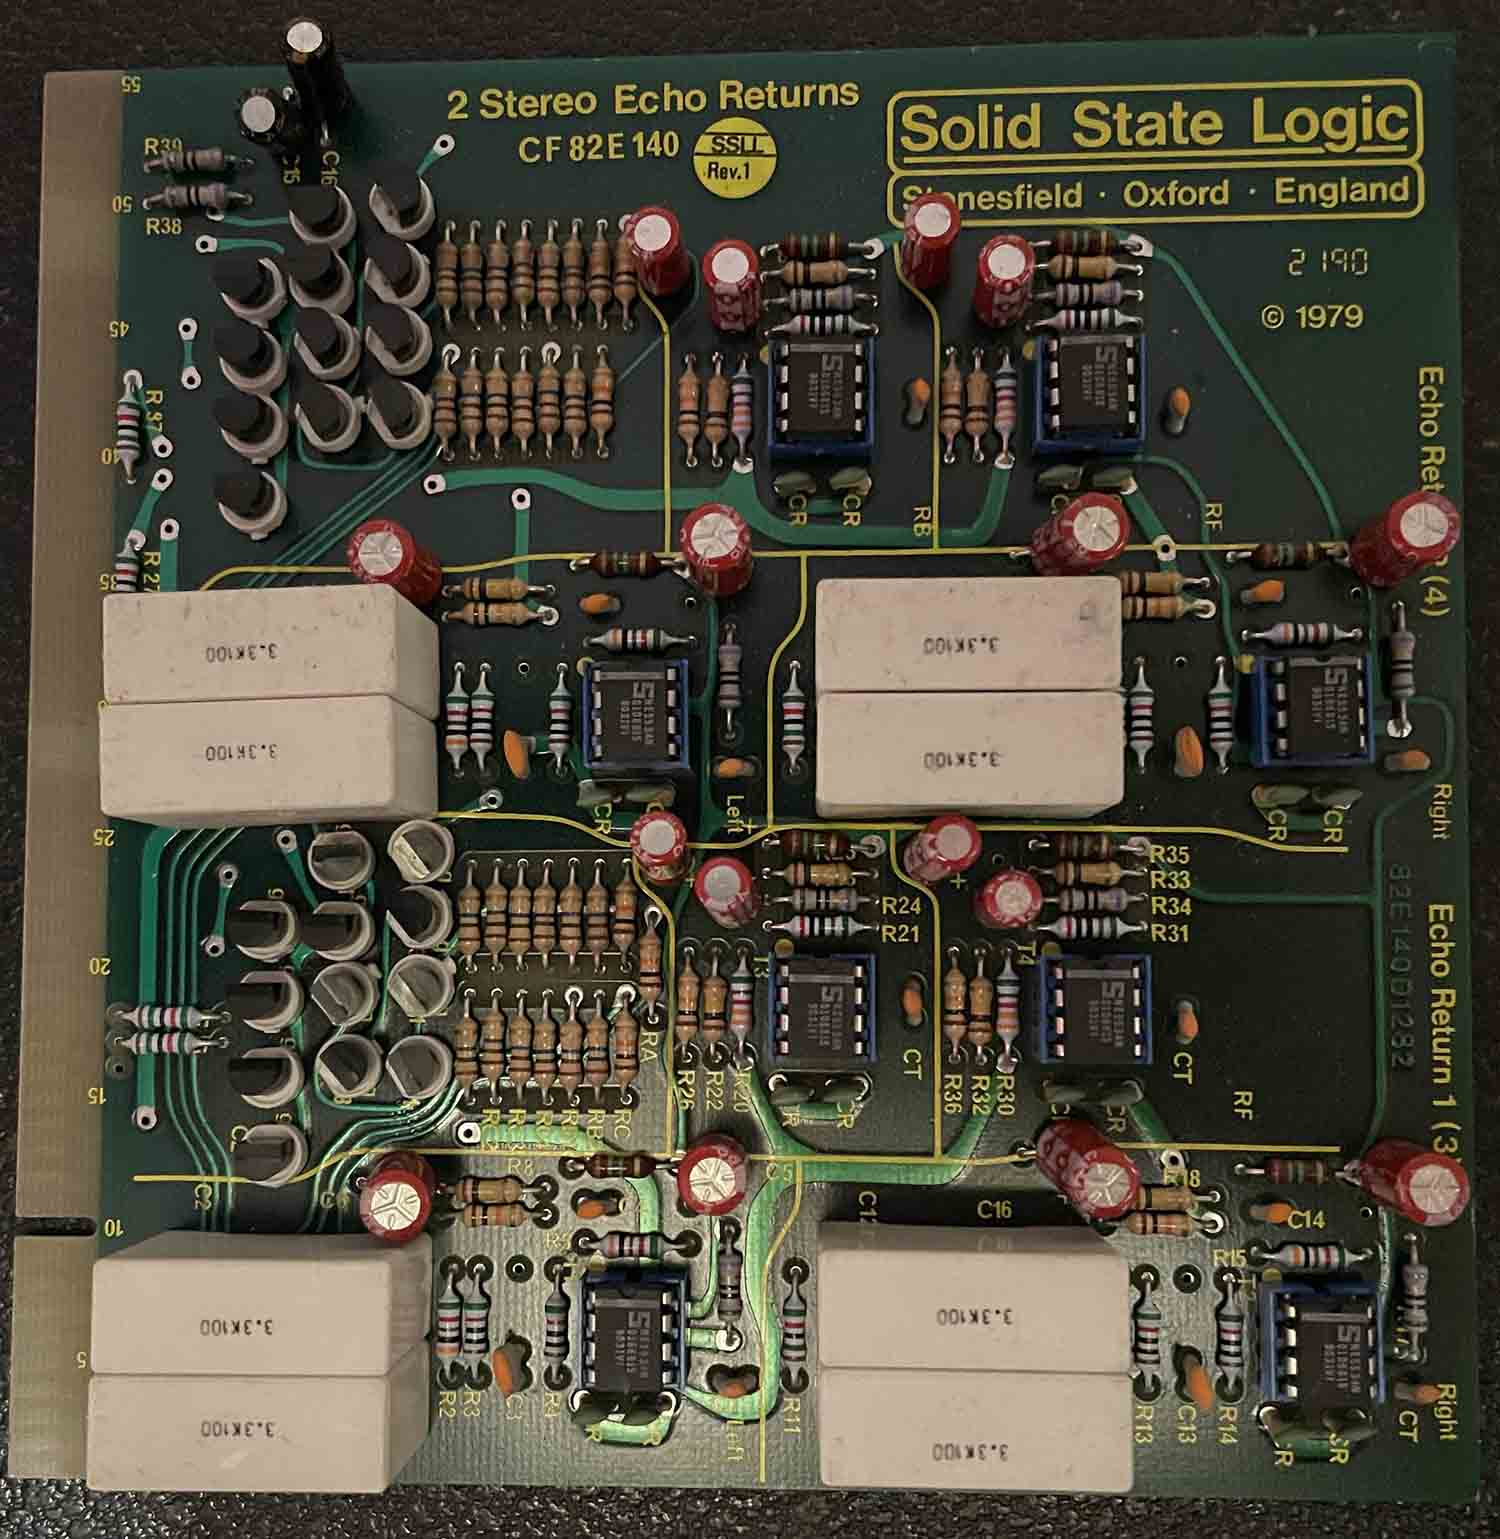 CF82E140 2 STEREO ECHO RETURNS